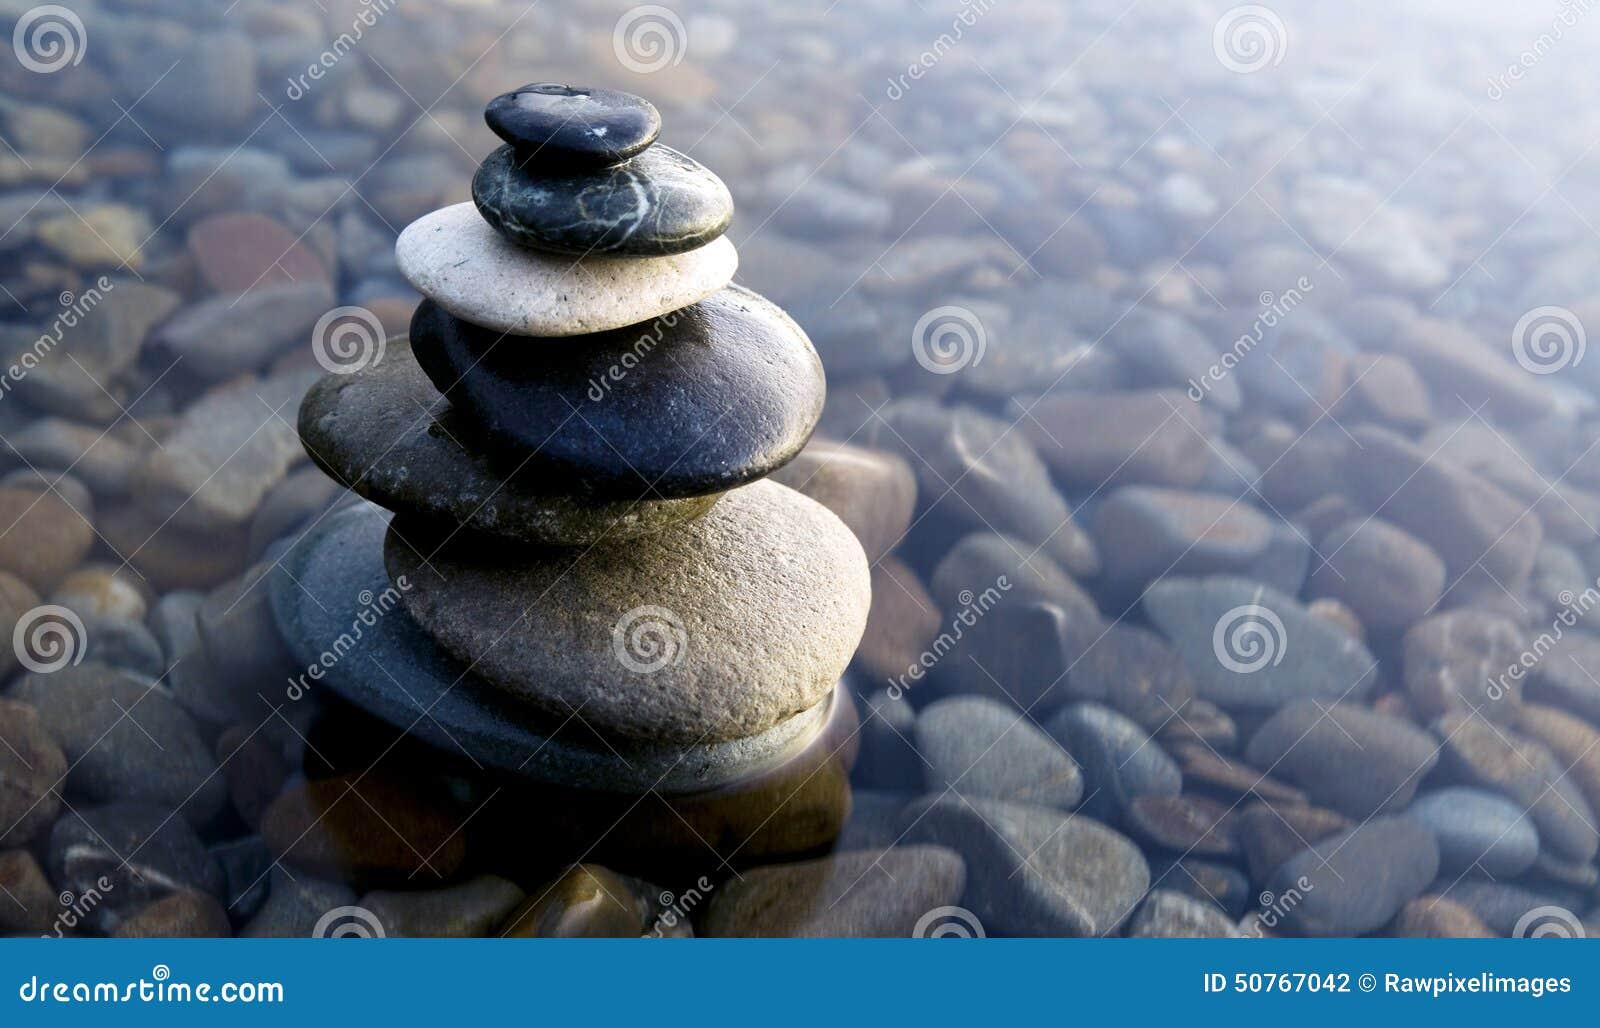 Concept de l eau de Zen Balancing Rocks Pebbles Covered